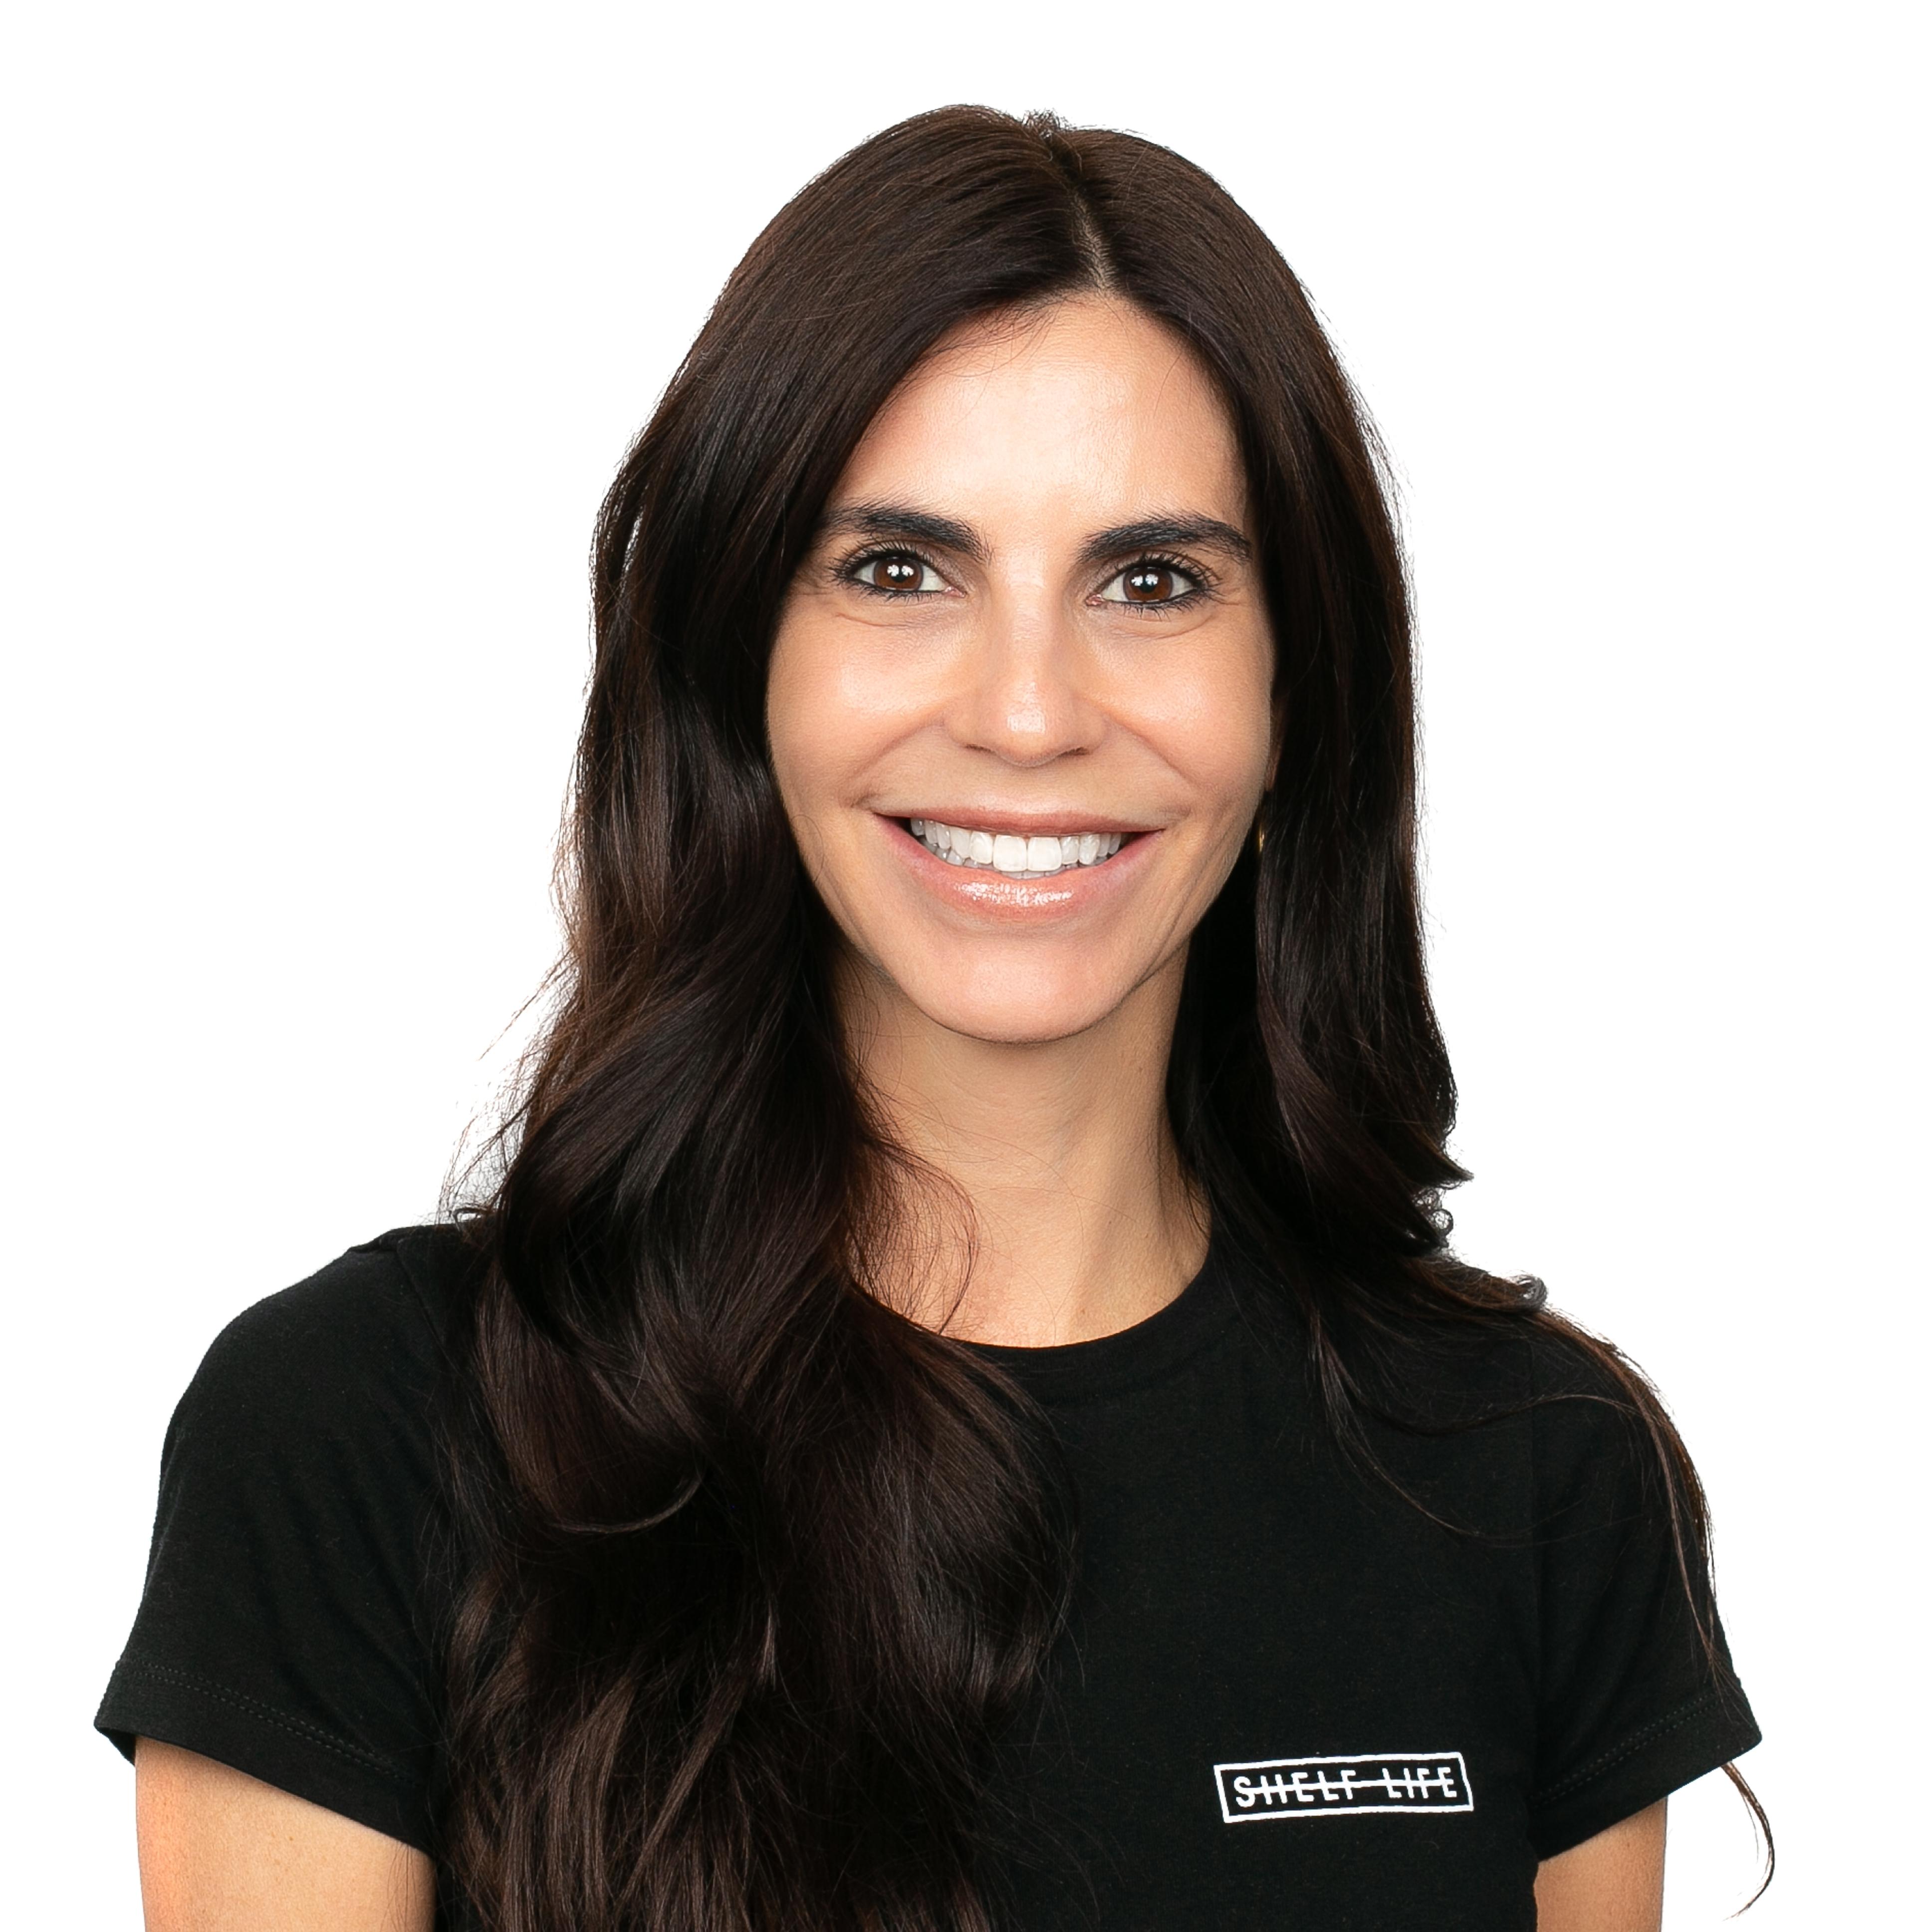 Courtney Vondrak